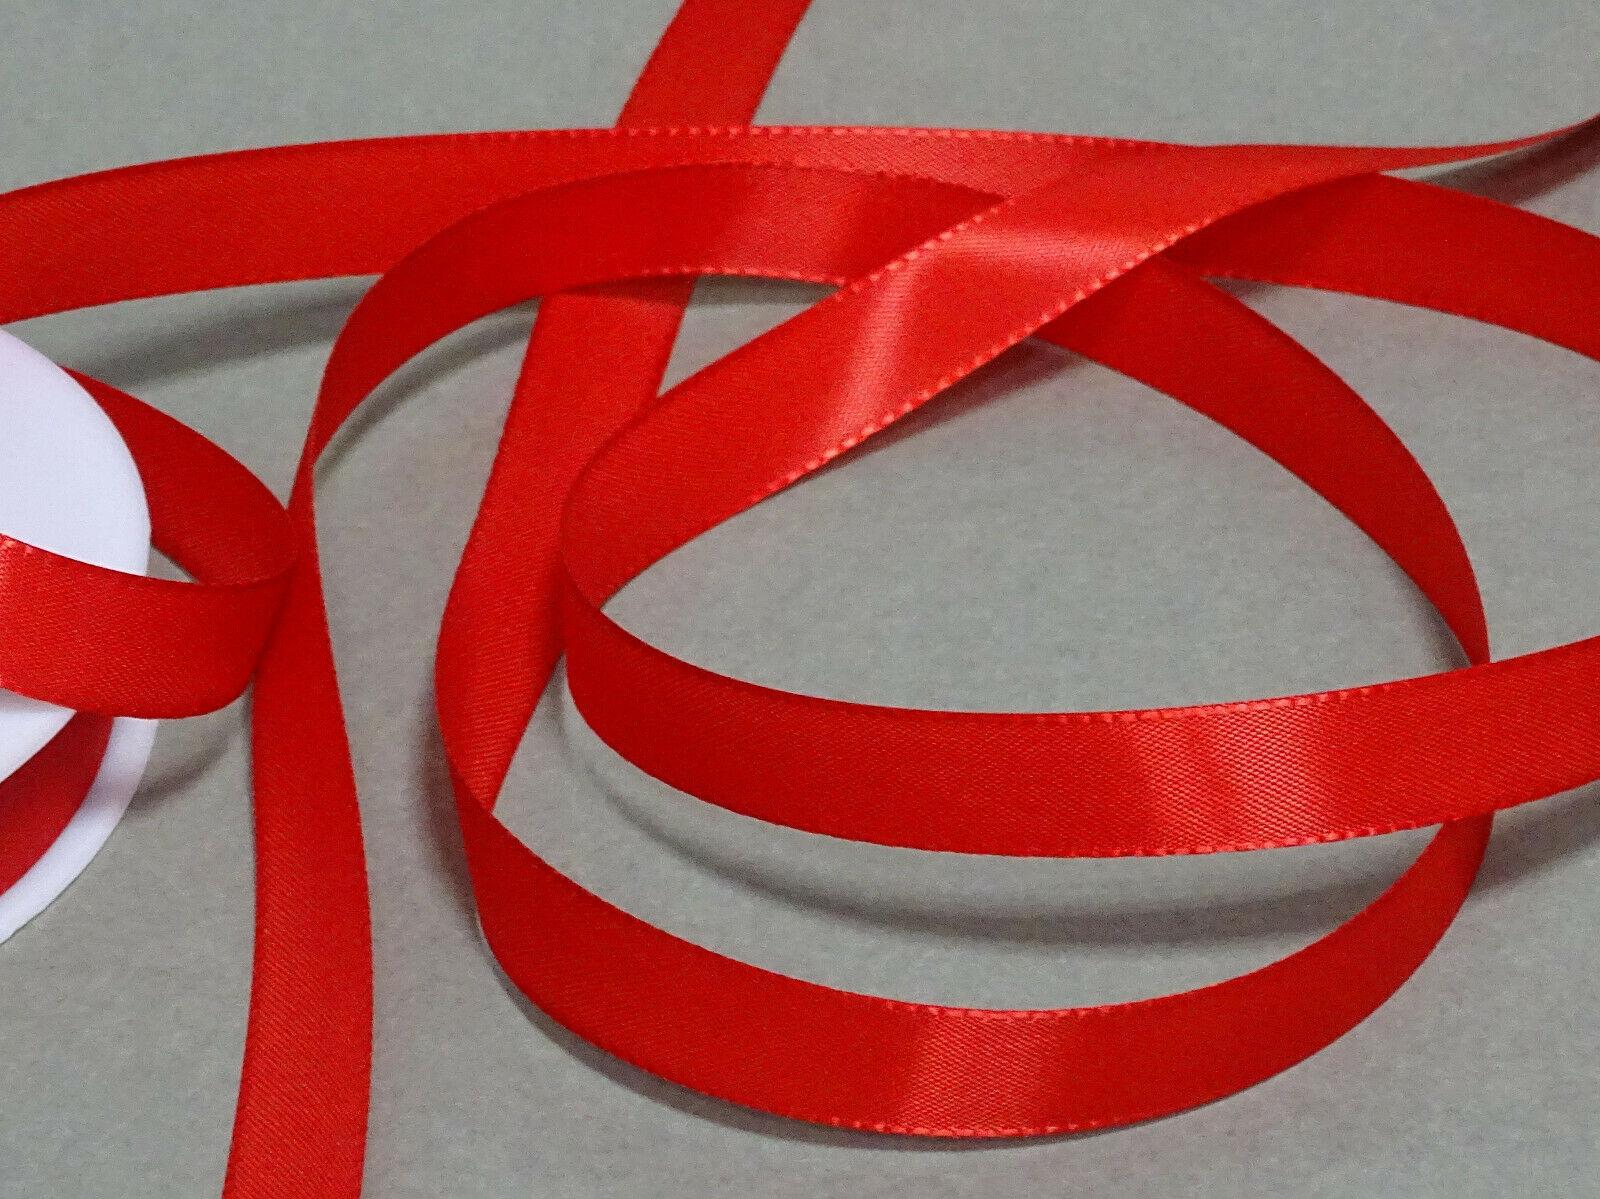 Seidenband Schleifenband 50 m x 15 / 25 / 40mm Dekoband ab 0,08€/m Geschenkband  - Rot 123, 15 mm x 50 m